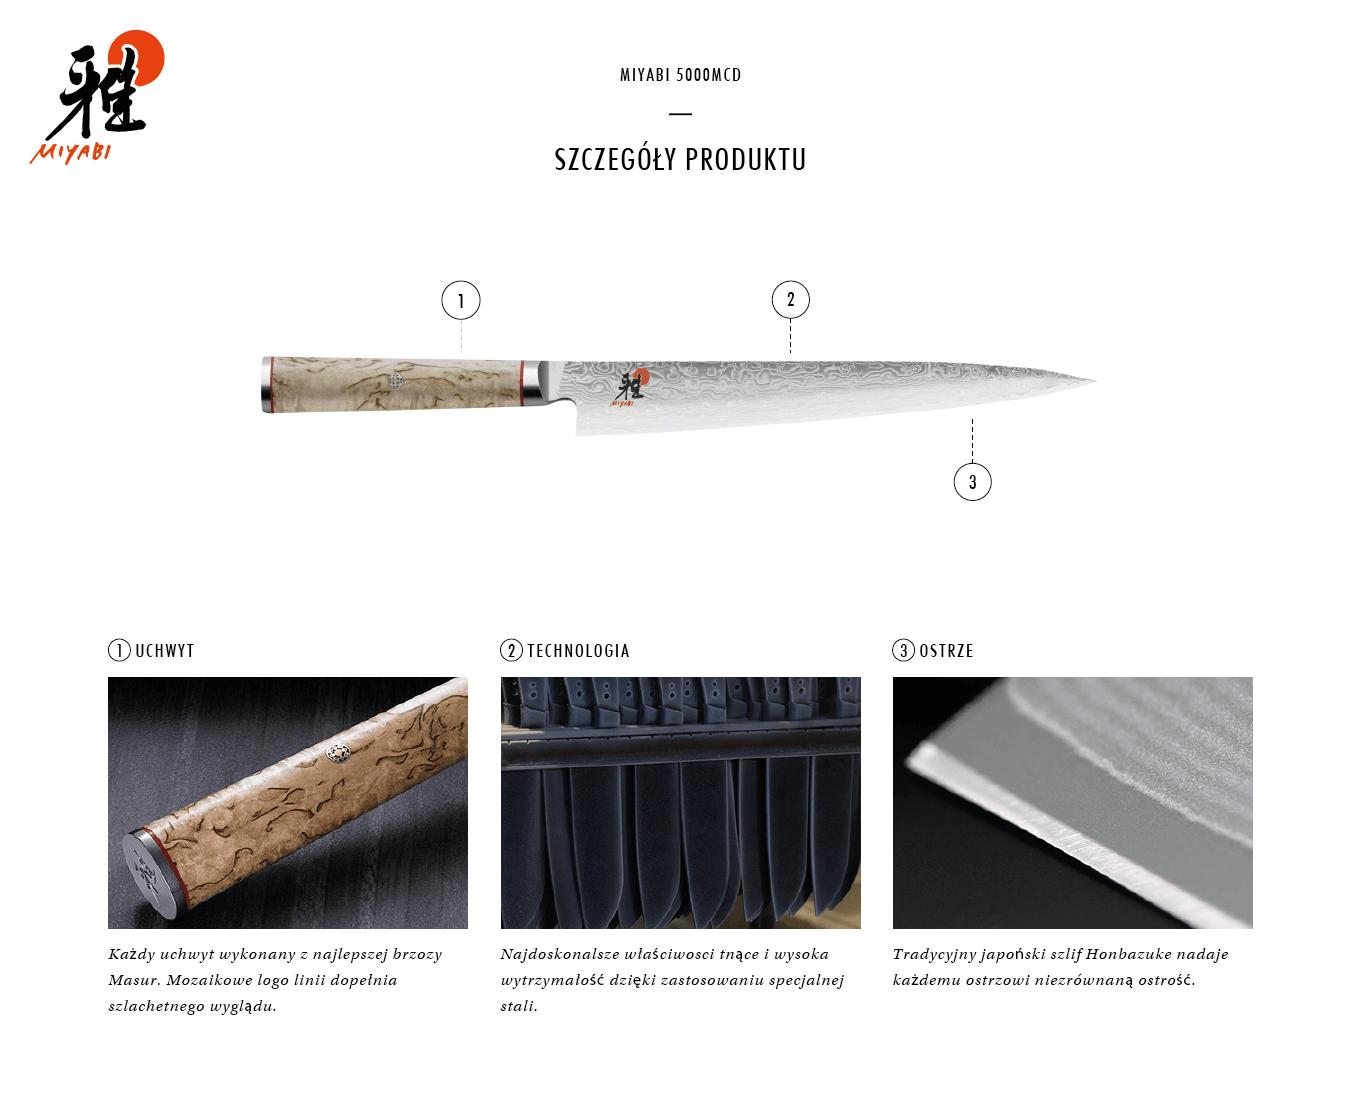 Dlaczego warto kupić nóż Sujihiki Miyabi 5000MCD?